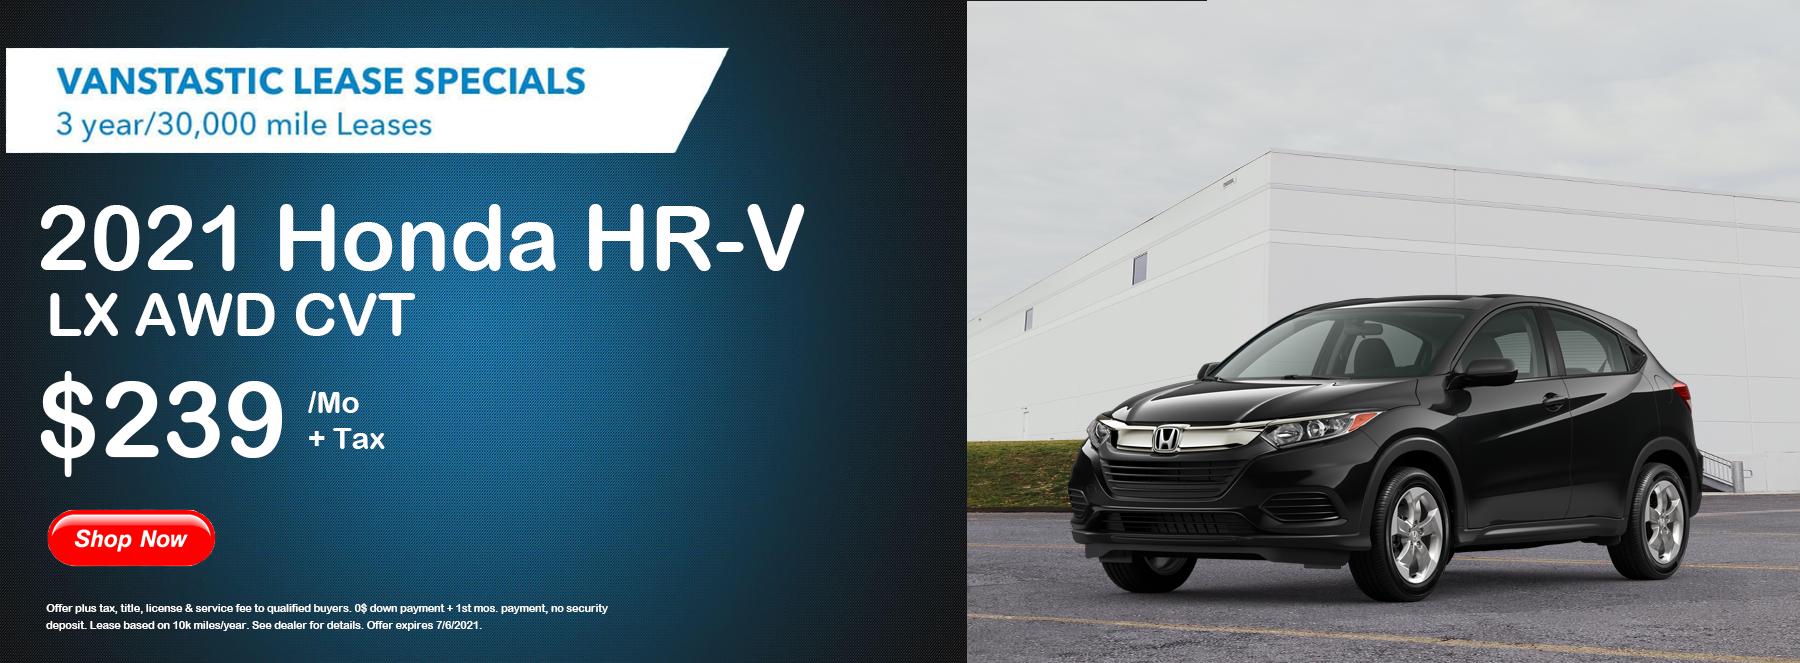 HR-V LX AWD 2021